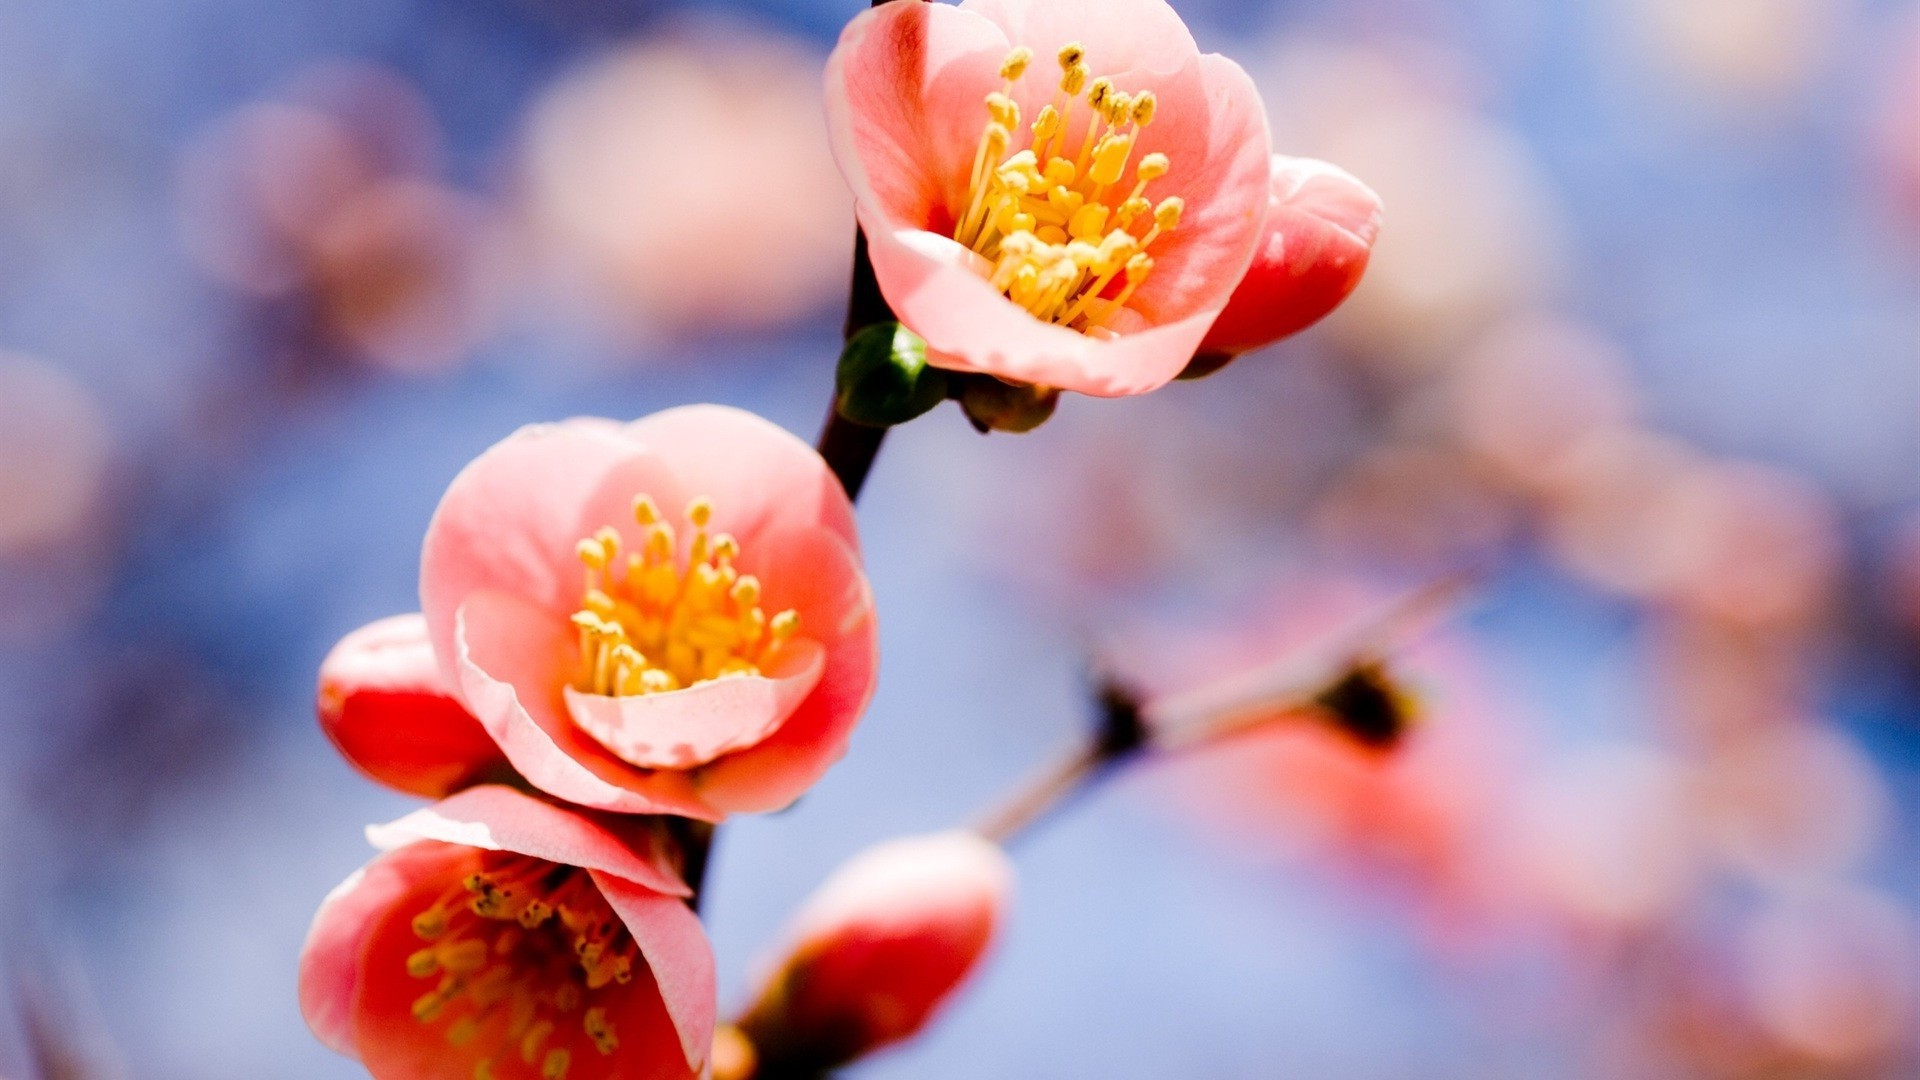 Февраля открытка, картинки для рабочего стола природа весна на весь экран